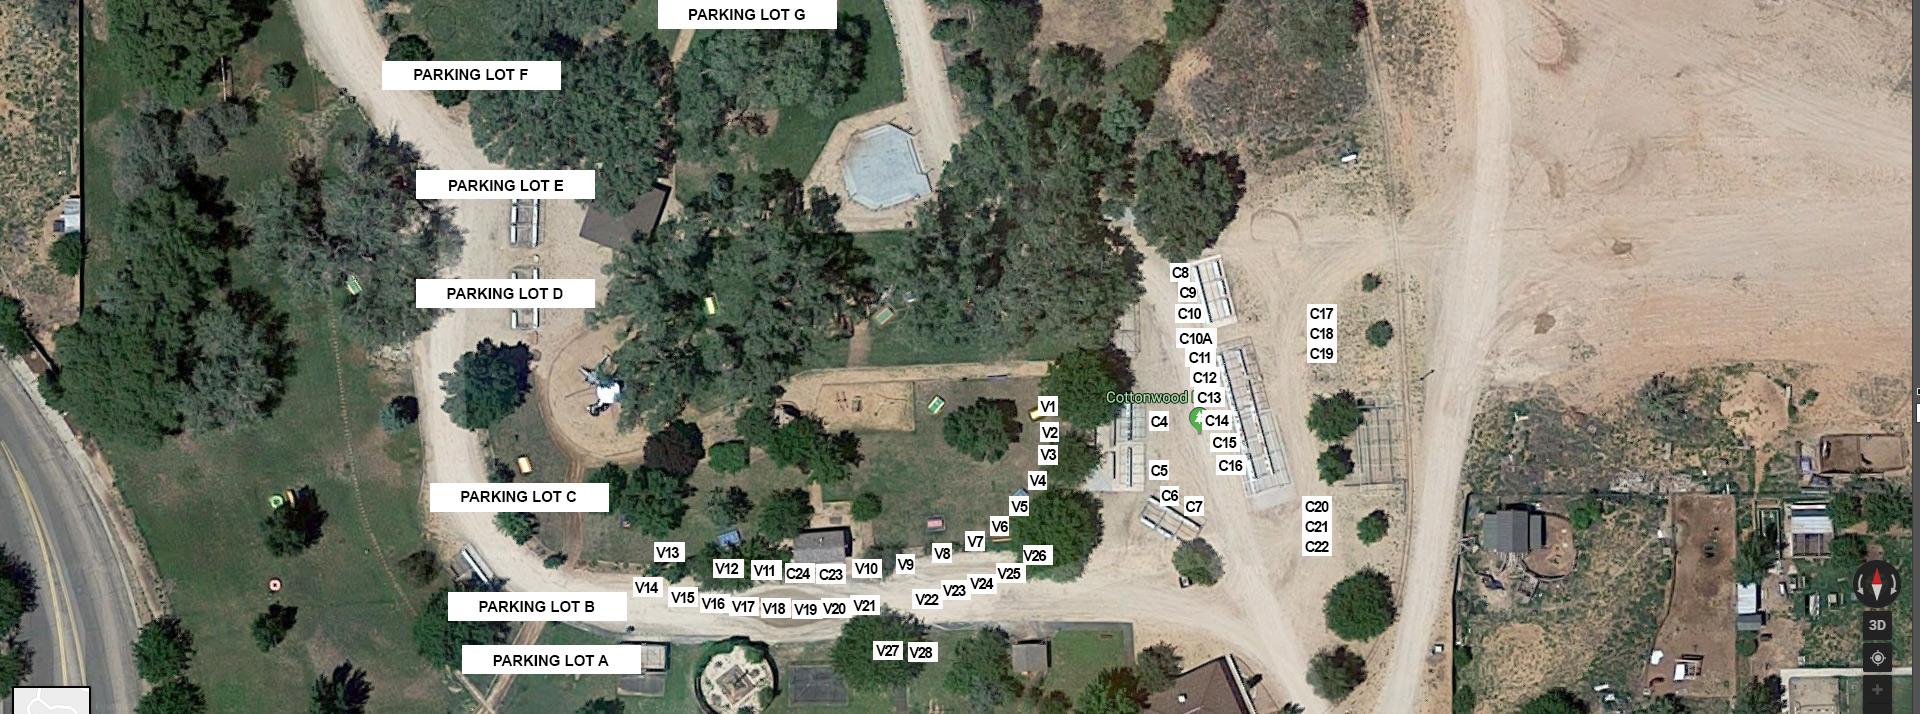 maps-overlay-wide-satellite-v2